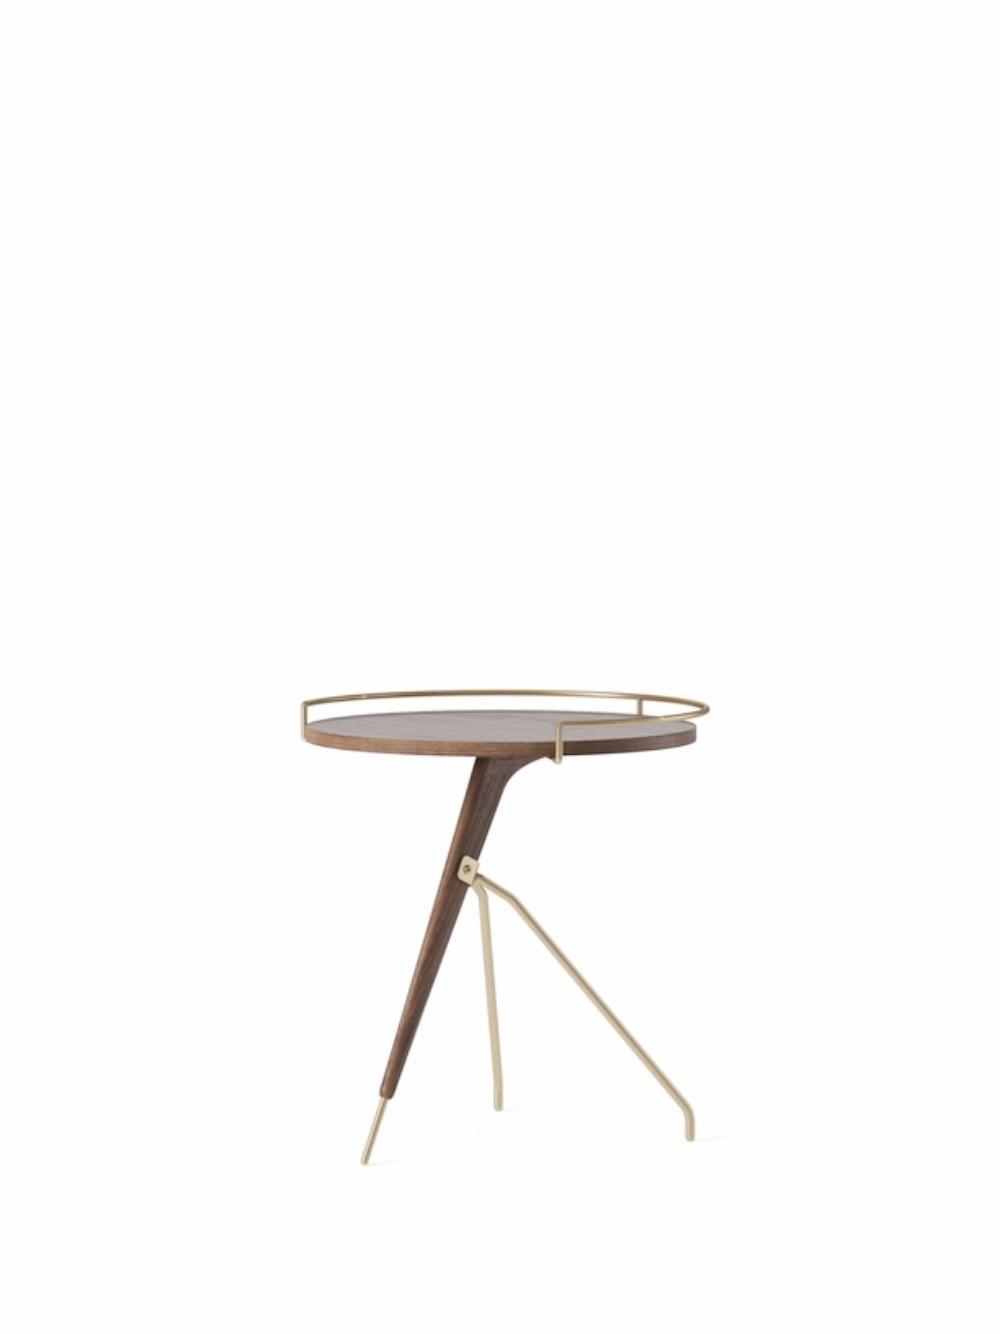 Menu Umanoff Side Table 45cm Low Solid Walnut Base and Top Matt Lacquered Brass Beistelltisch